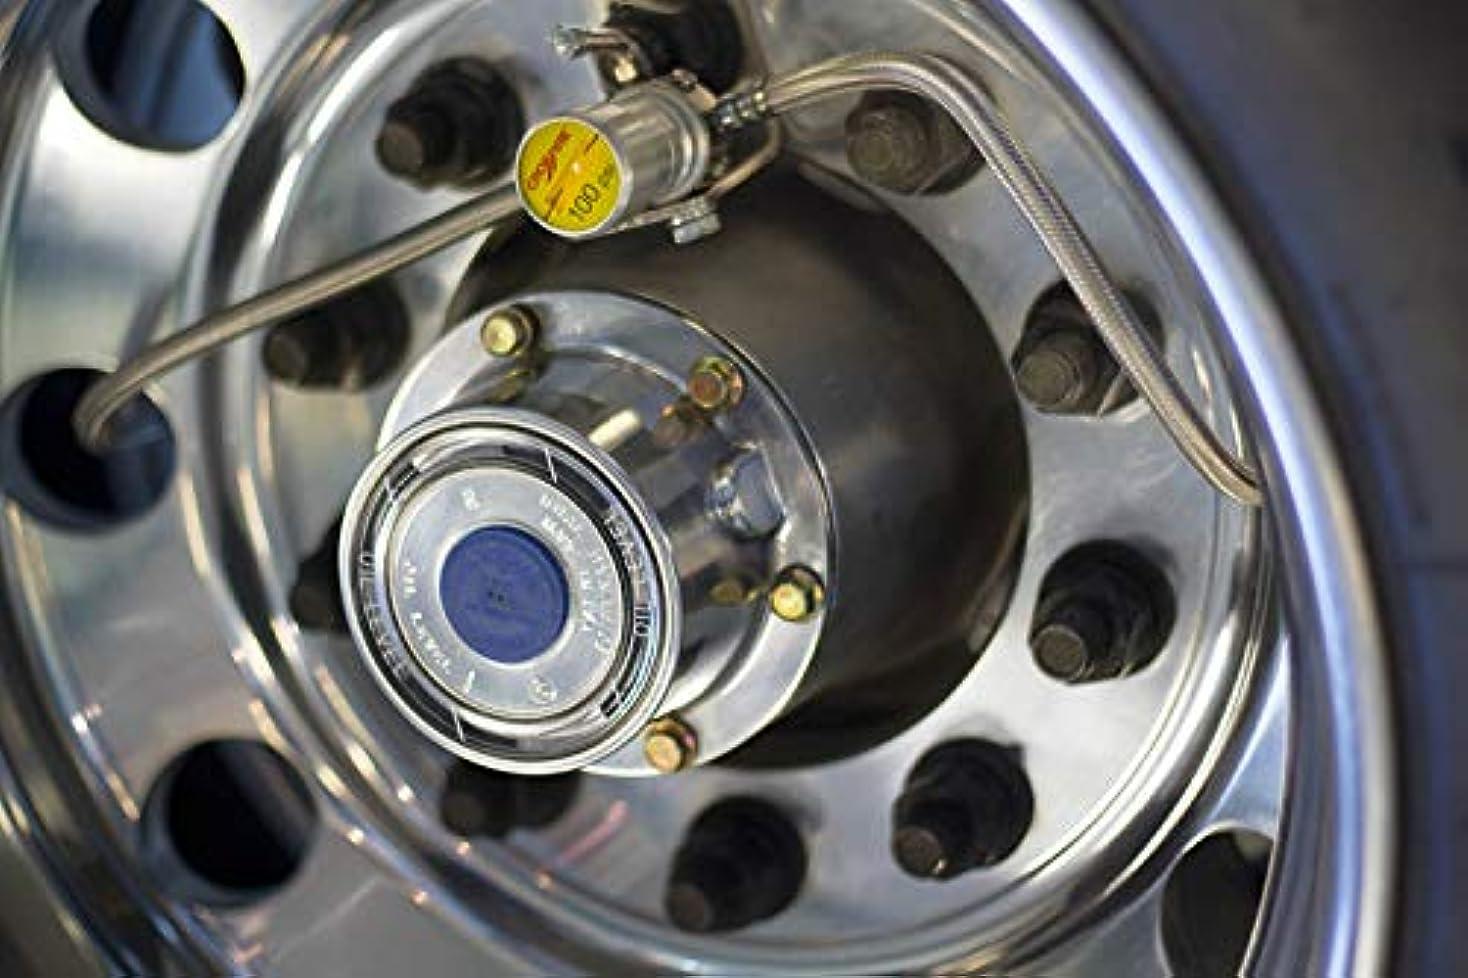 セーブ最少楕円形Dual Dynamics Crossfire タイヤ圧力イコライザー ホースのTMPSポート付き 100 PSI CF100STABT